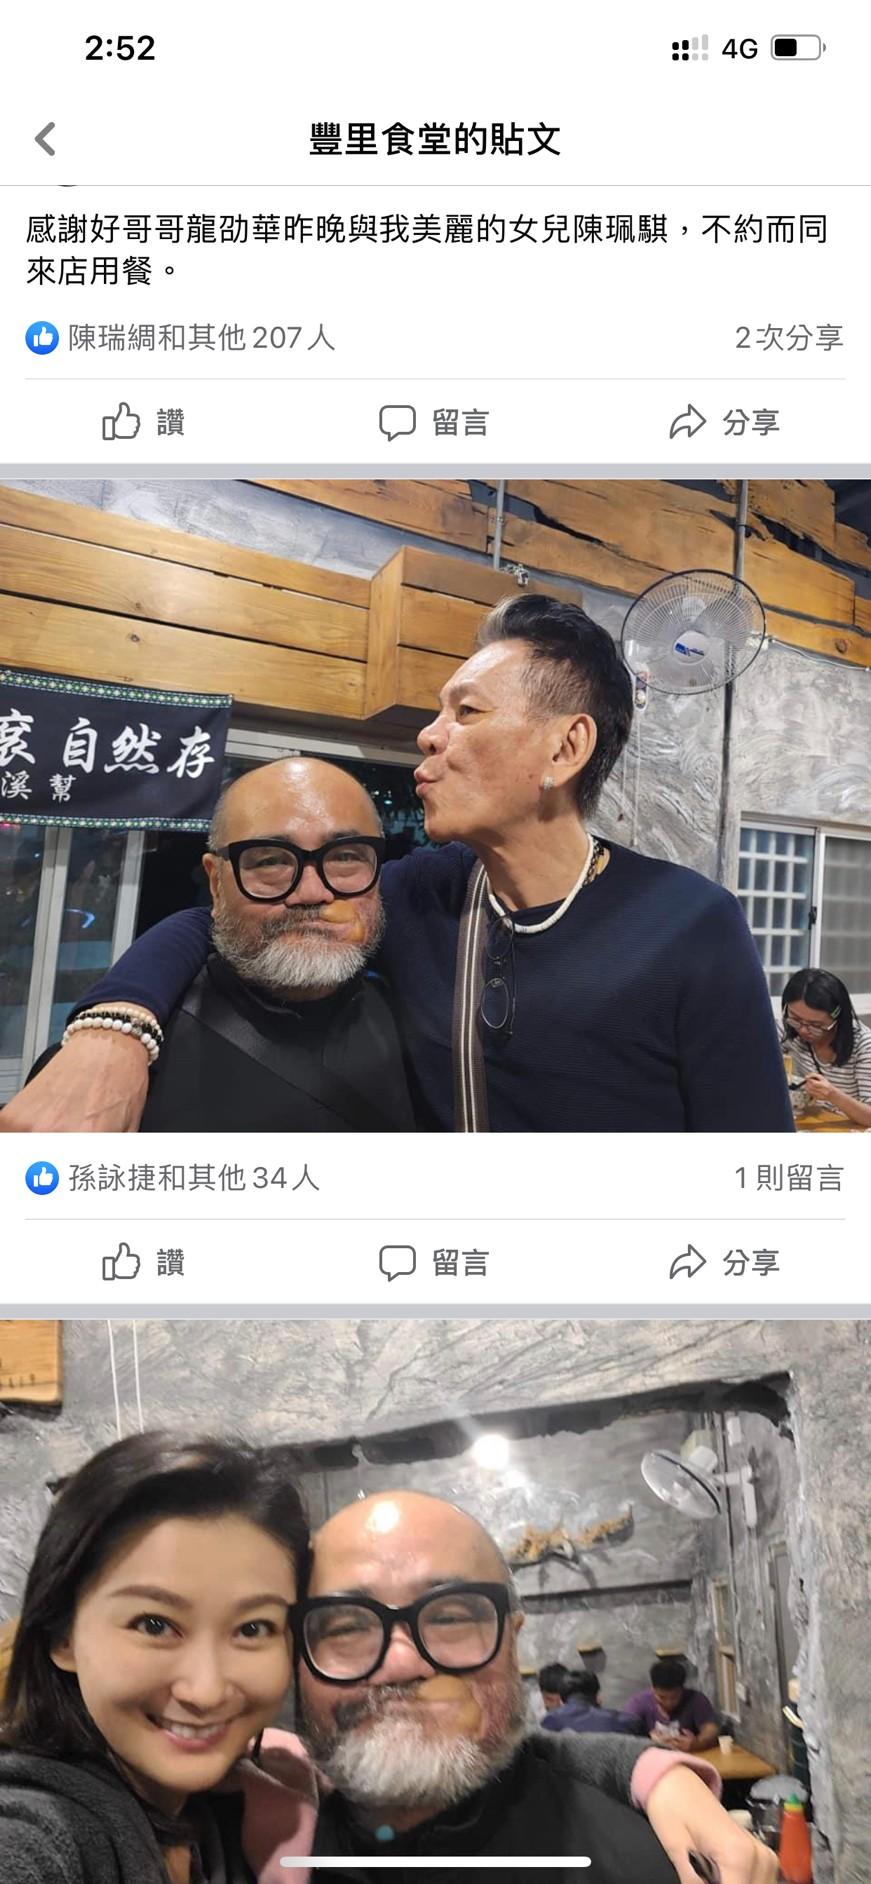 台東民宿貓追熊民宿推薦豐里食堂